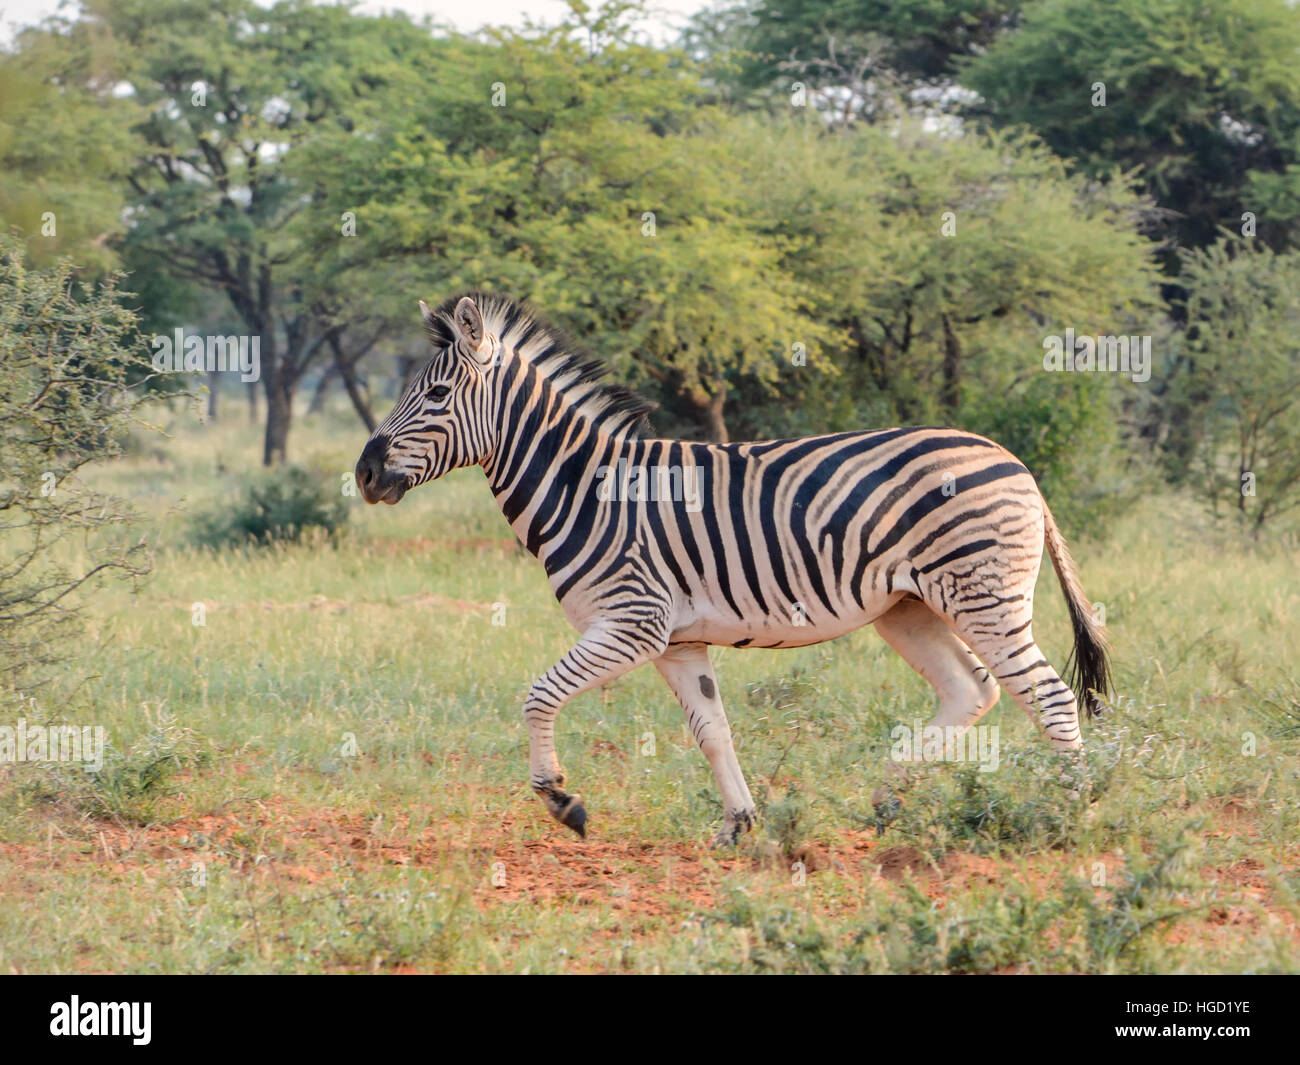 Un adulto Burchell Zebra trote a través de la sabana del África Meridional Imagen De Stock